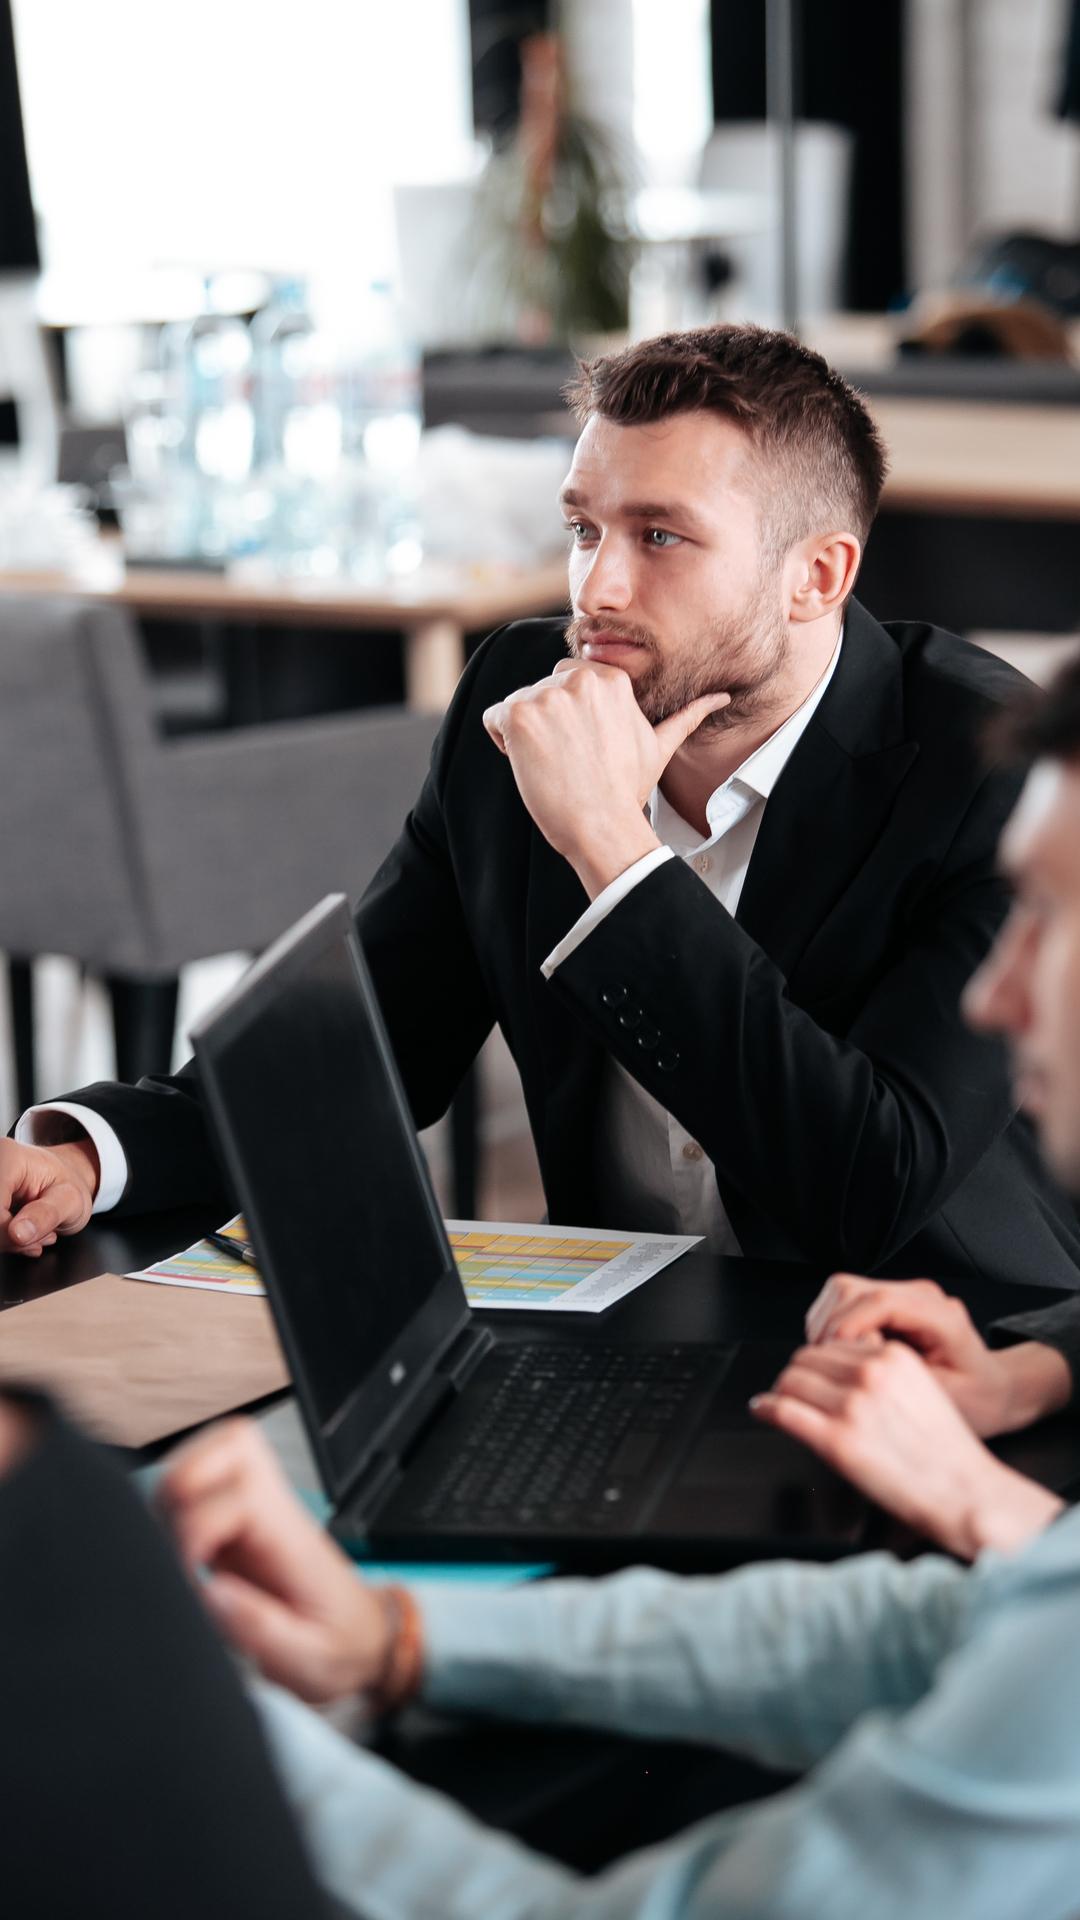 Sales engagement strategie ontwikkelen? Gebruik deze handvatten